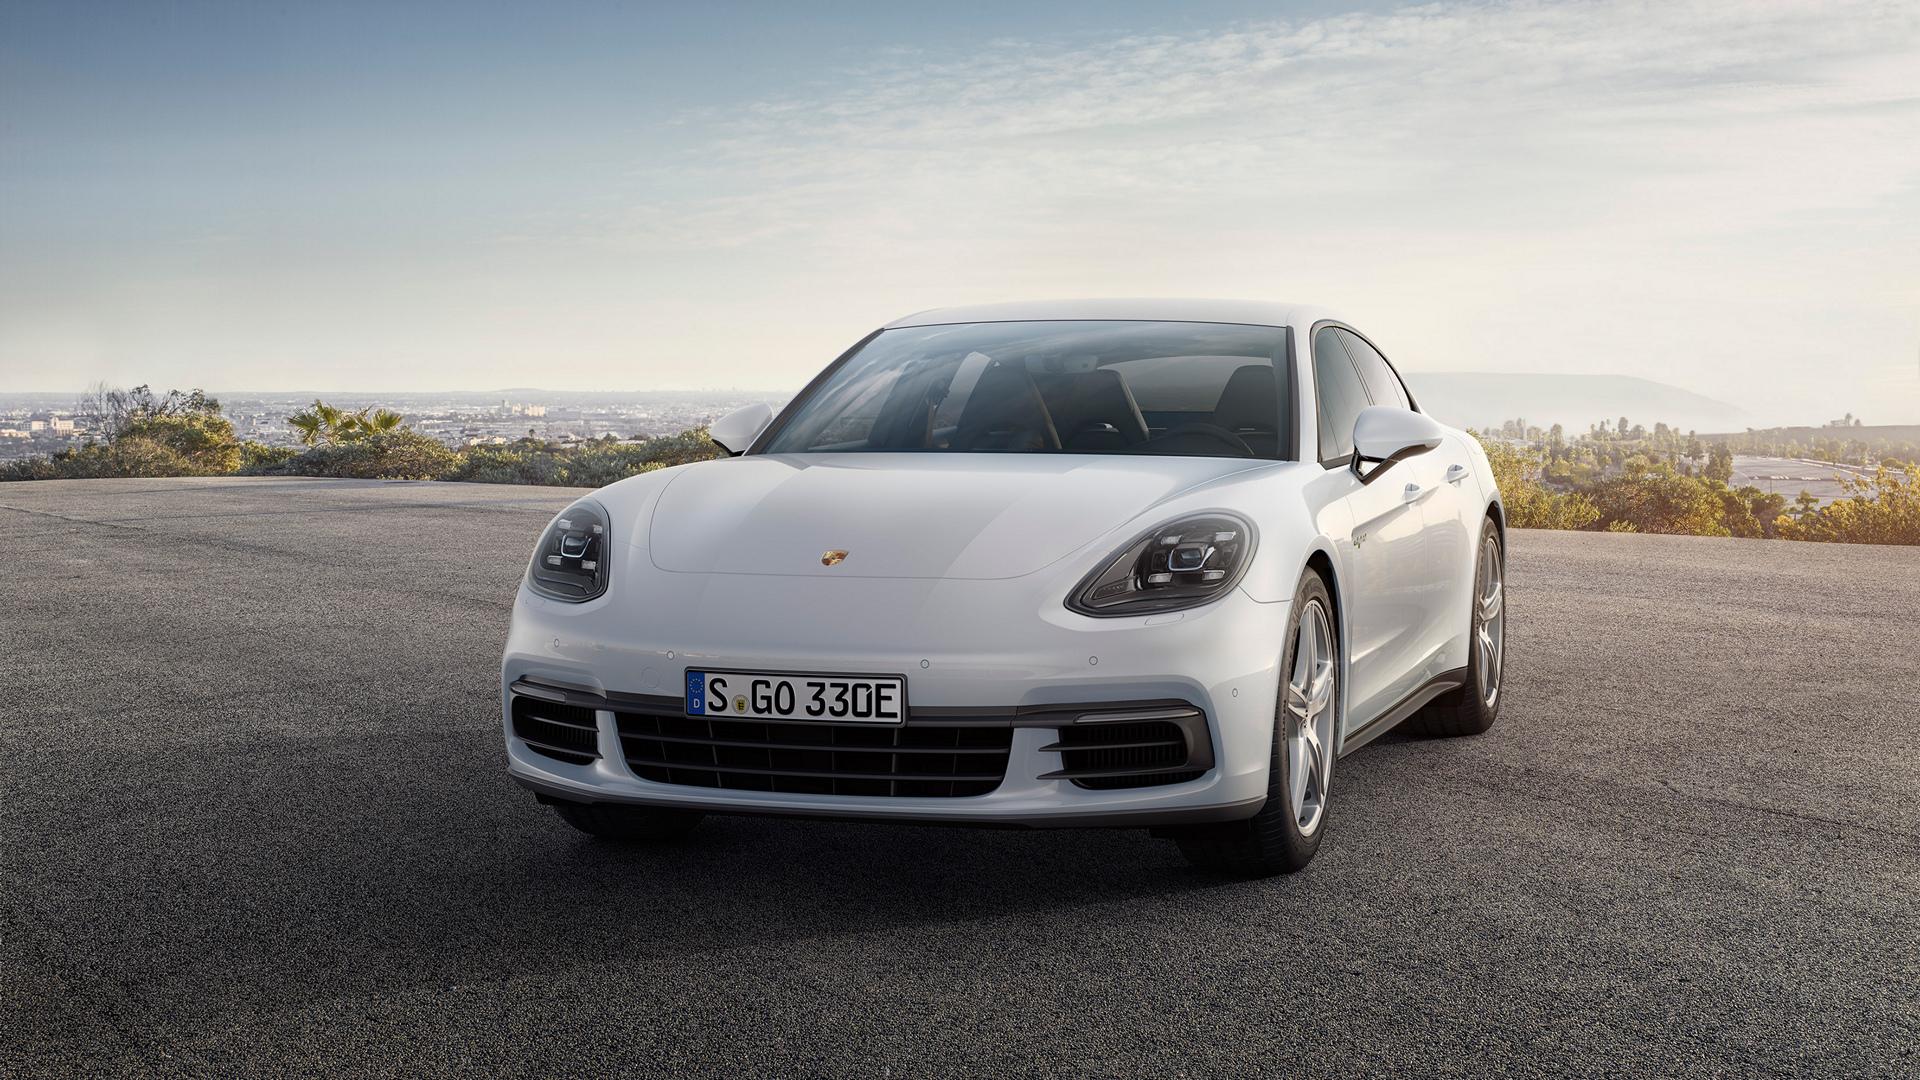 Porsche Panamera 4 E-Hybrid © Dr. Ing. h.c. F. Porsche AG